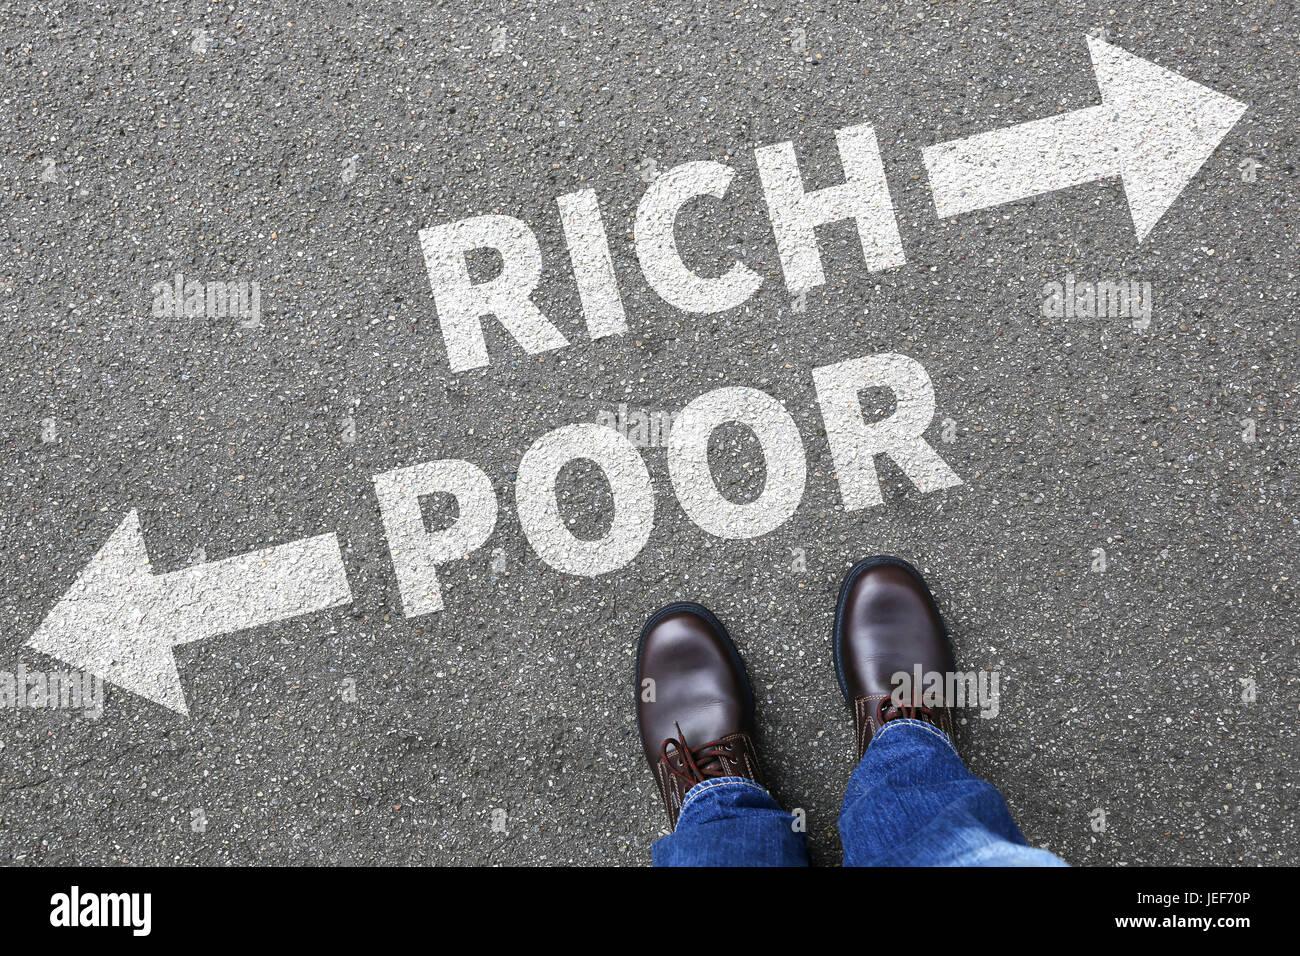 Pobres ricos la pobreza financia el éxito financiero exitoso concepto de negocio dinero finanzas Imagen De Stock